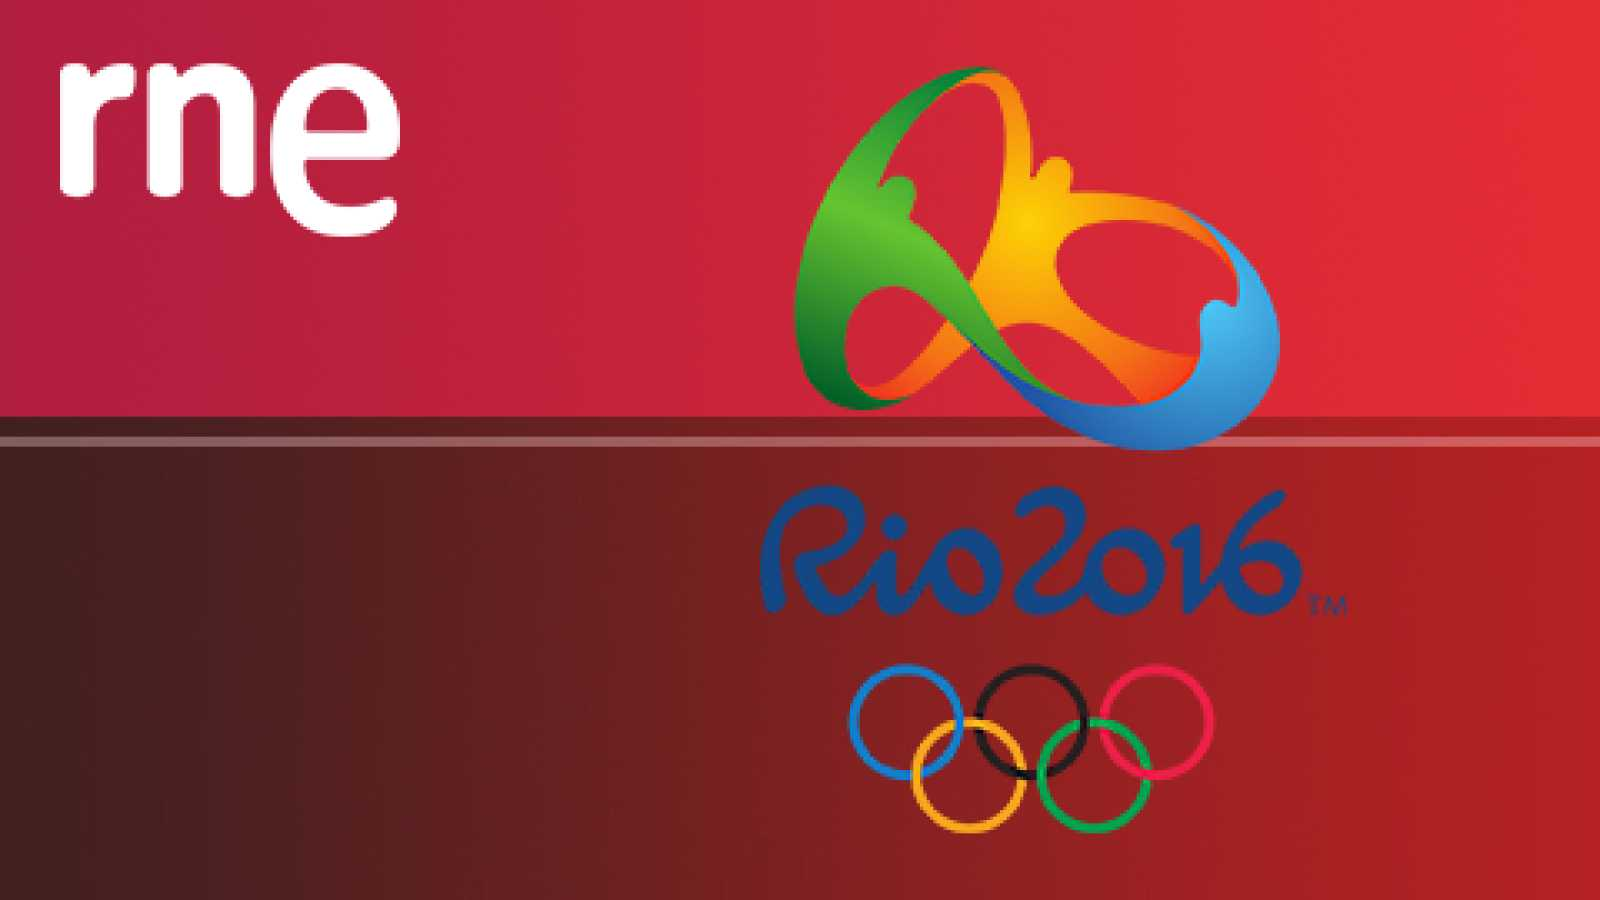 Juegos Olímpicos Río 2016 - 18/08/16 - escuchar ahora